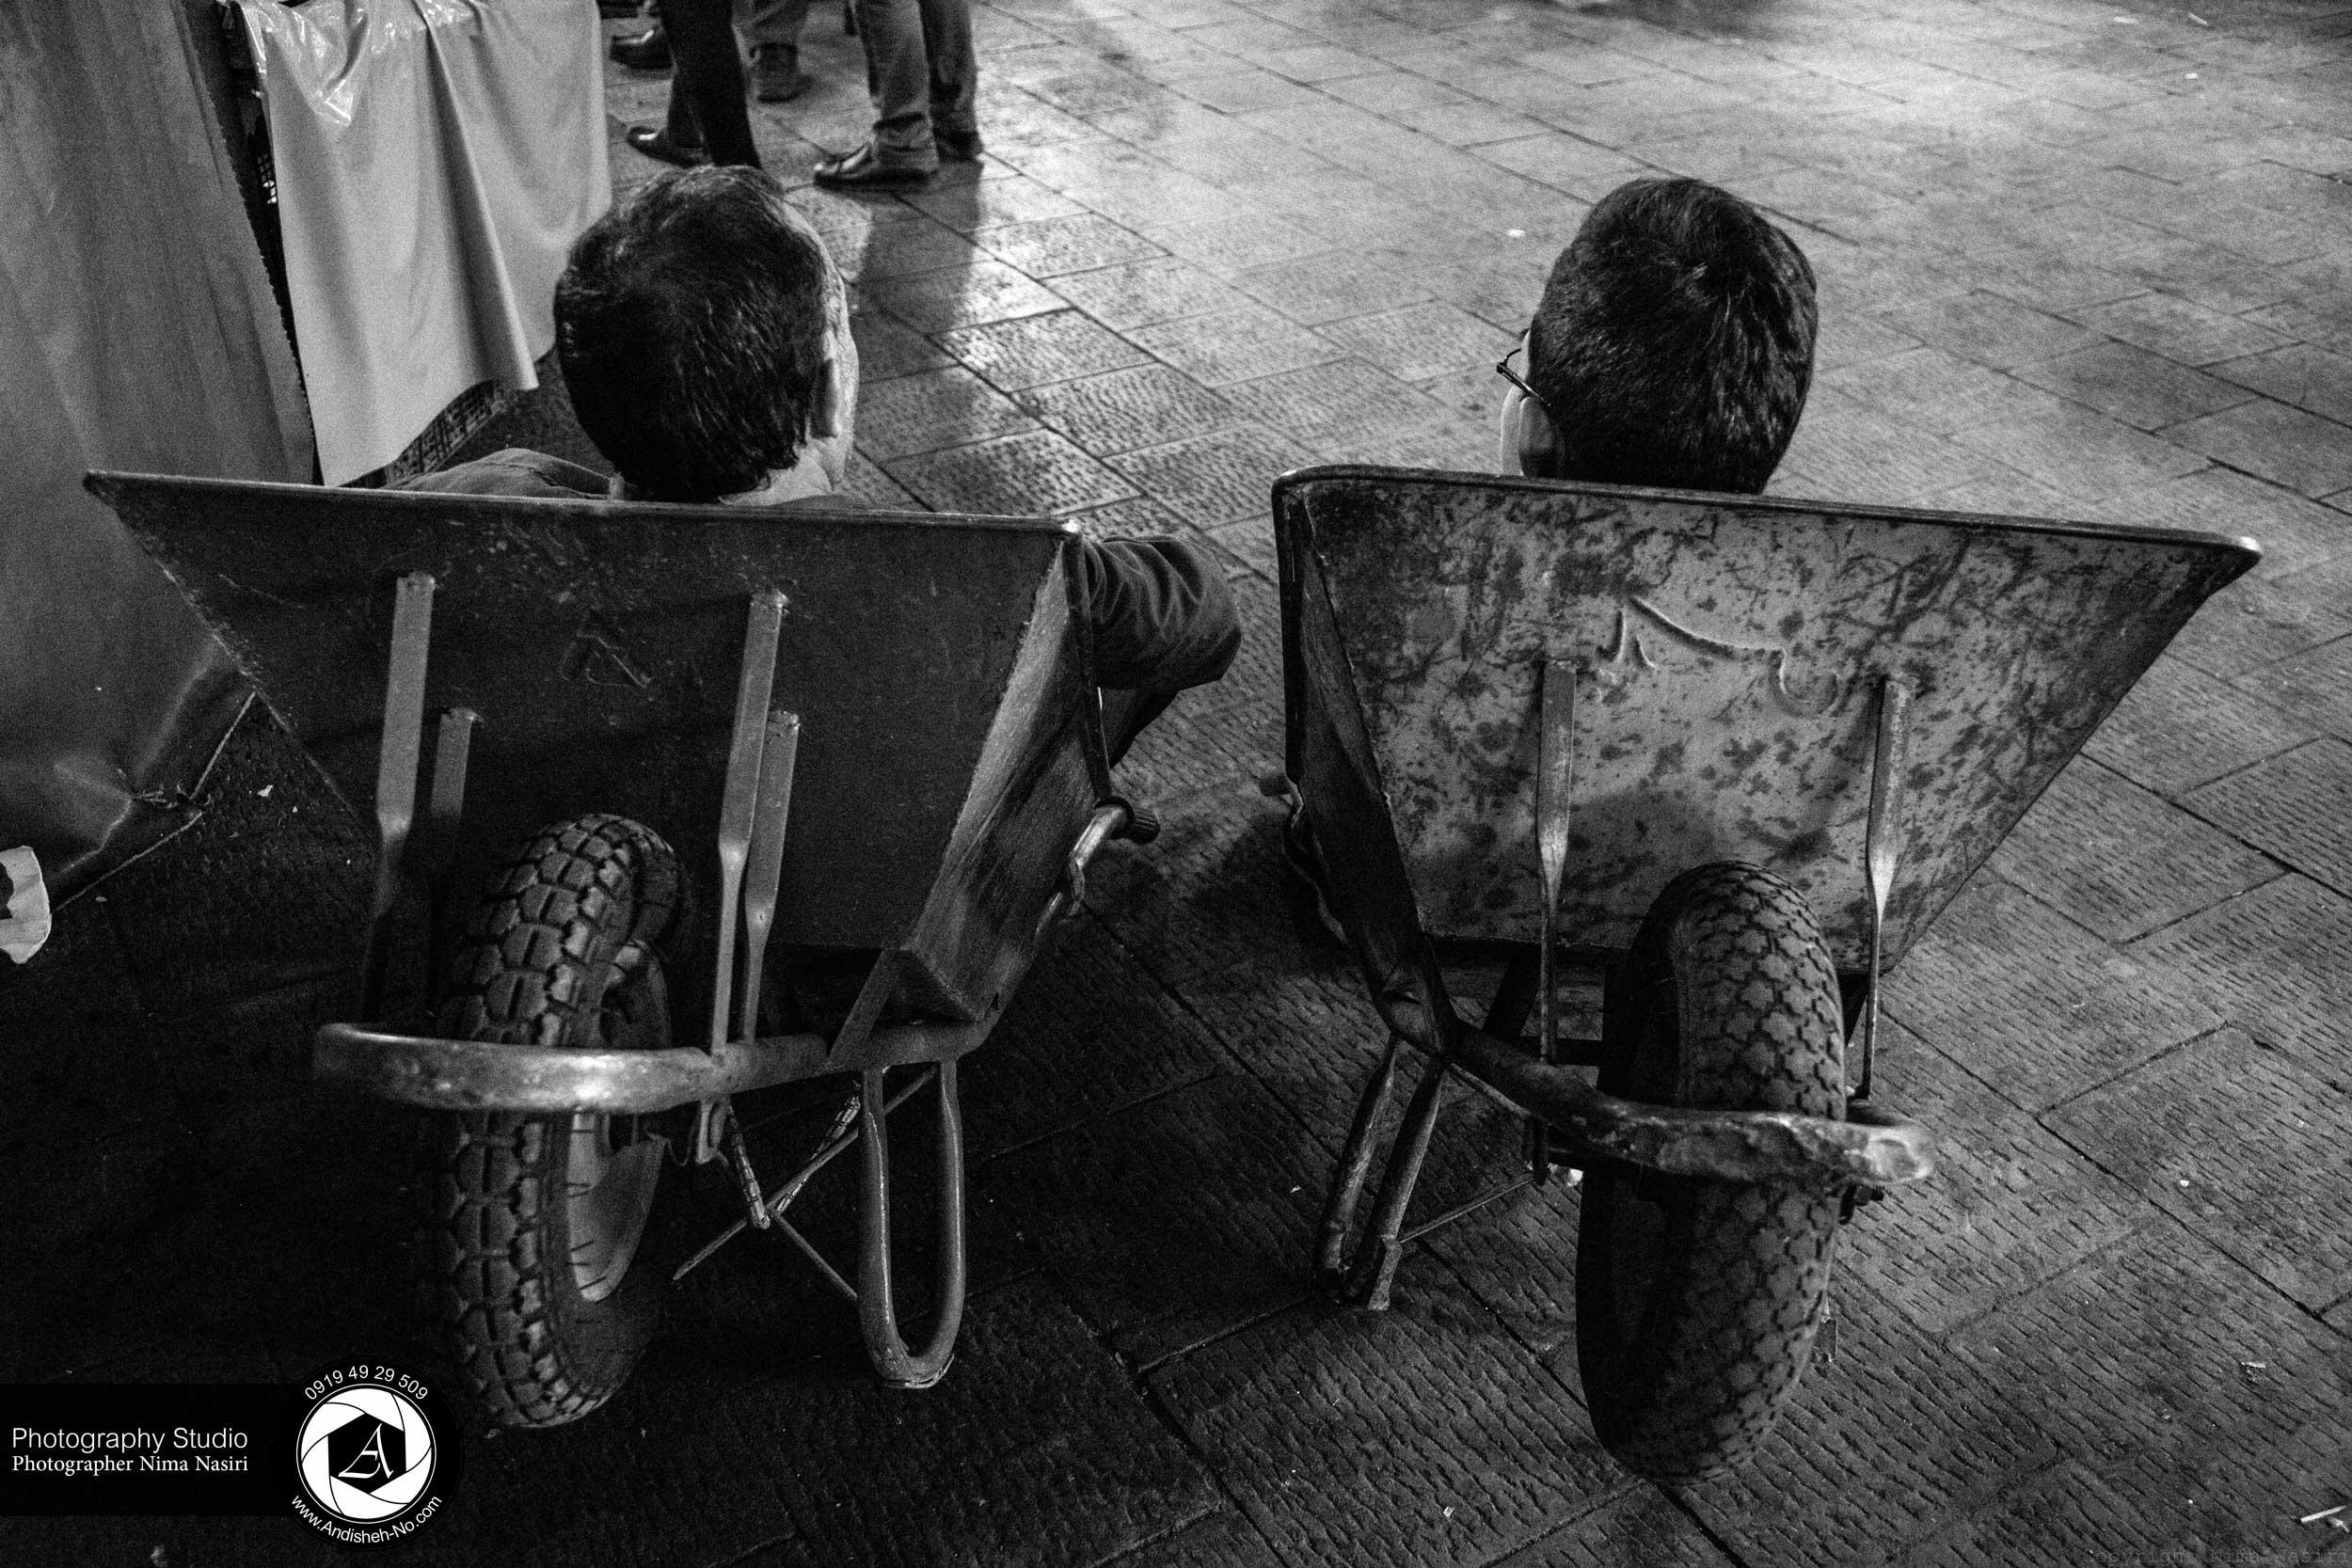 مجموعه عکس متوسط رو به پائین ، اثر عکاسی خیابانی و مستند اجتماعی نیما نصیری